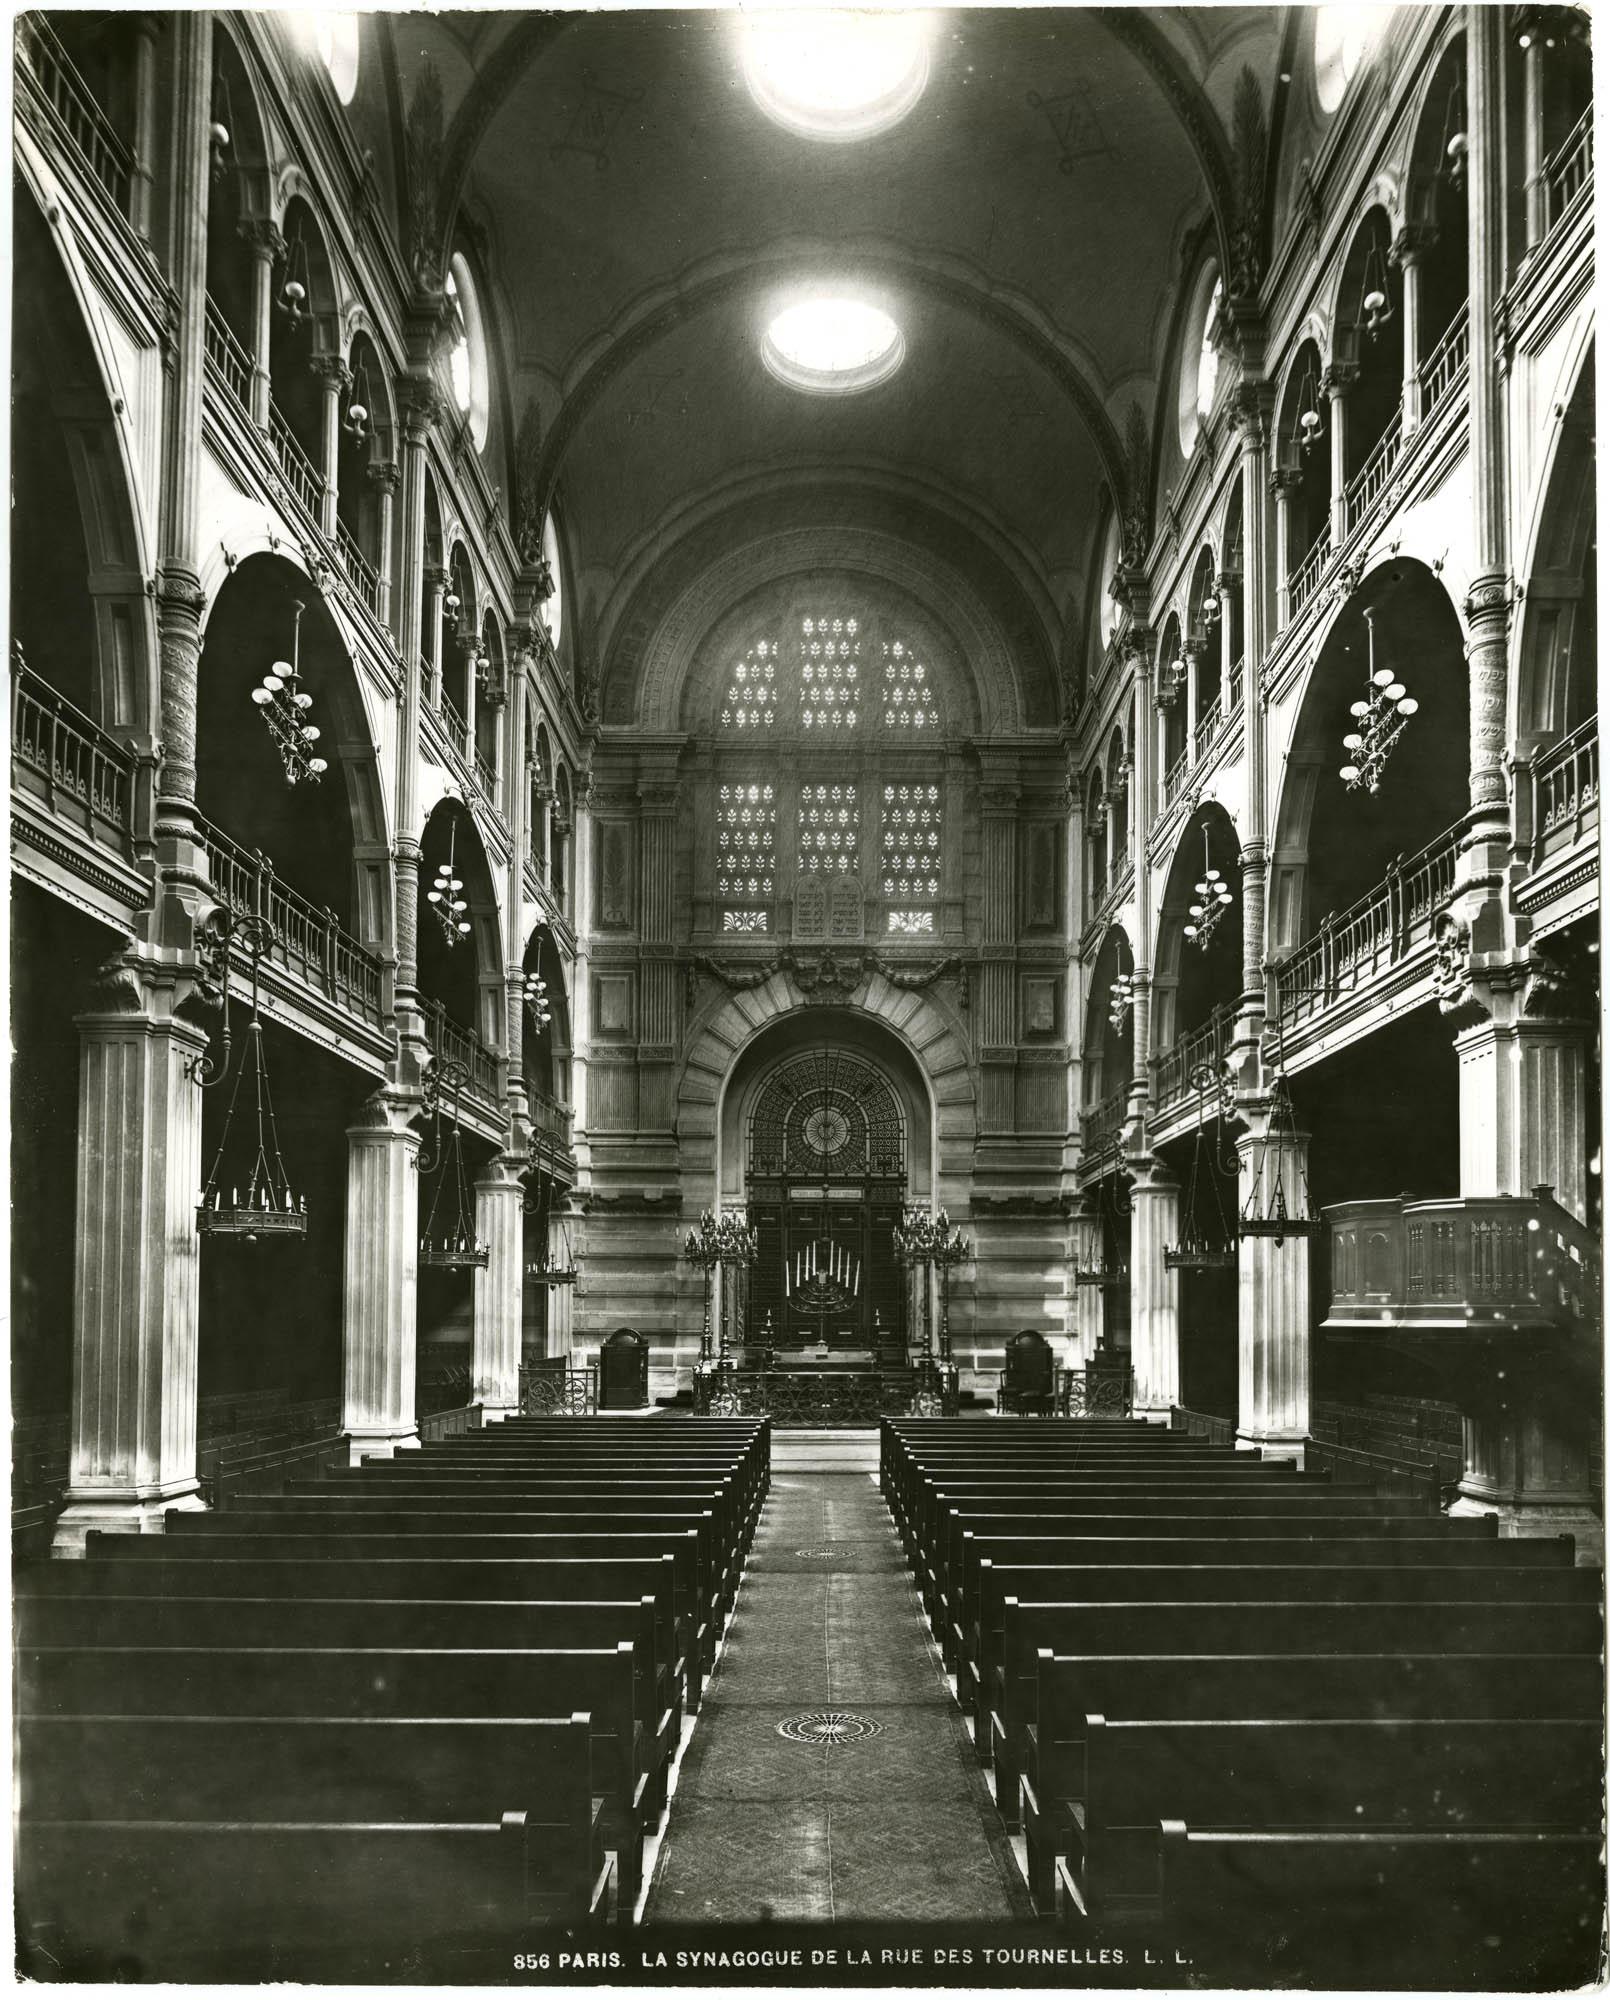 Paris. La Synagogue de la rue des Tournelles.